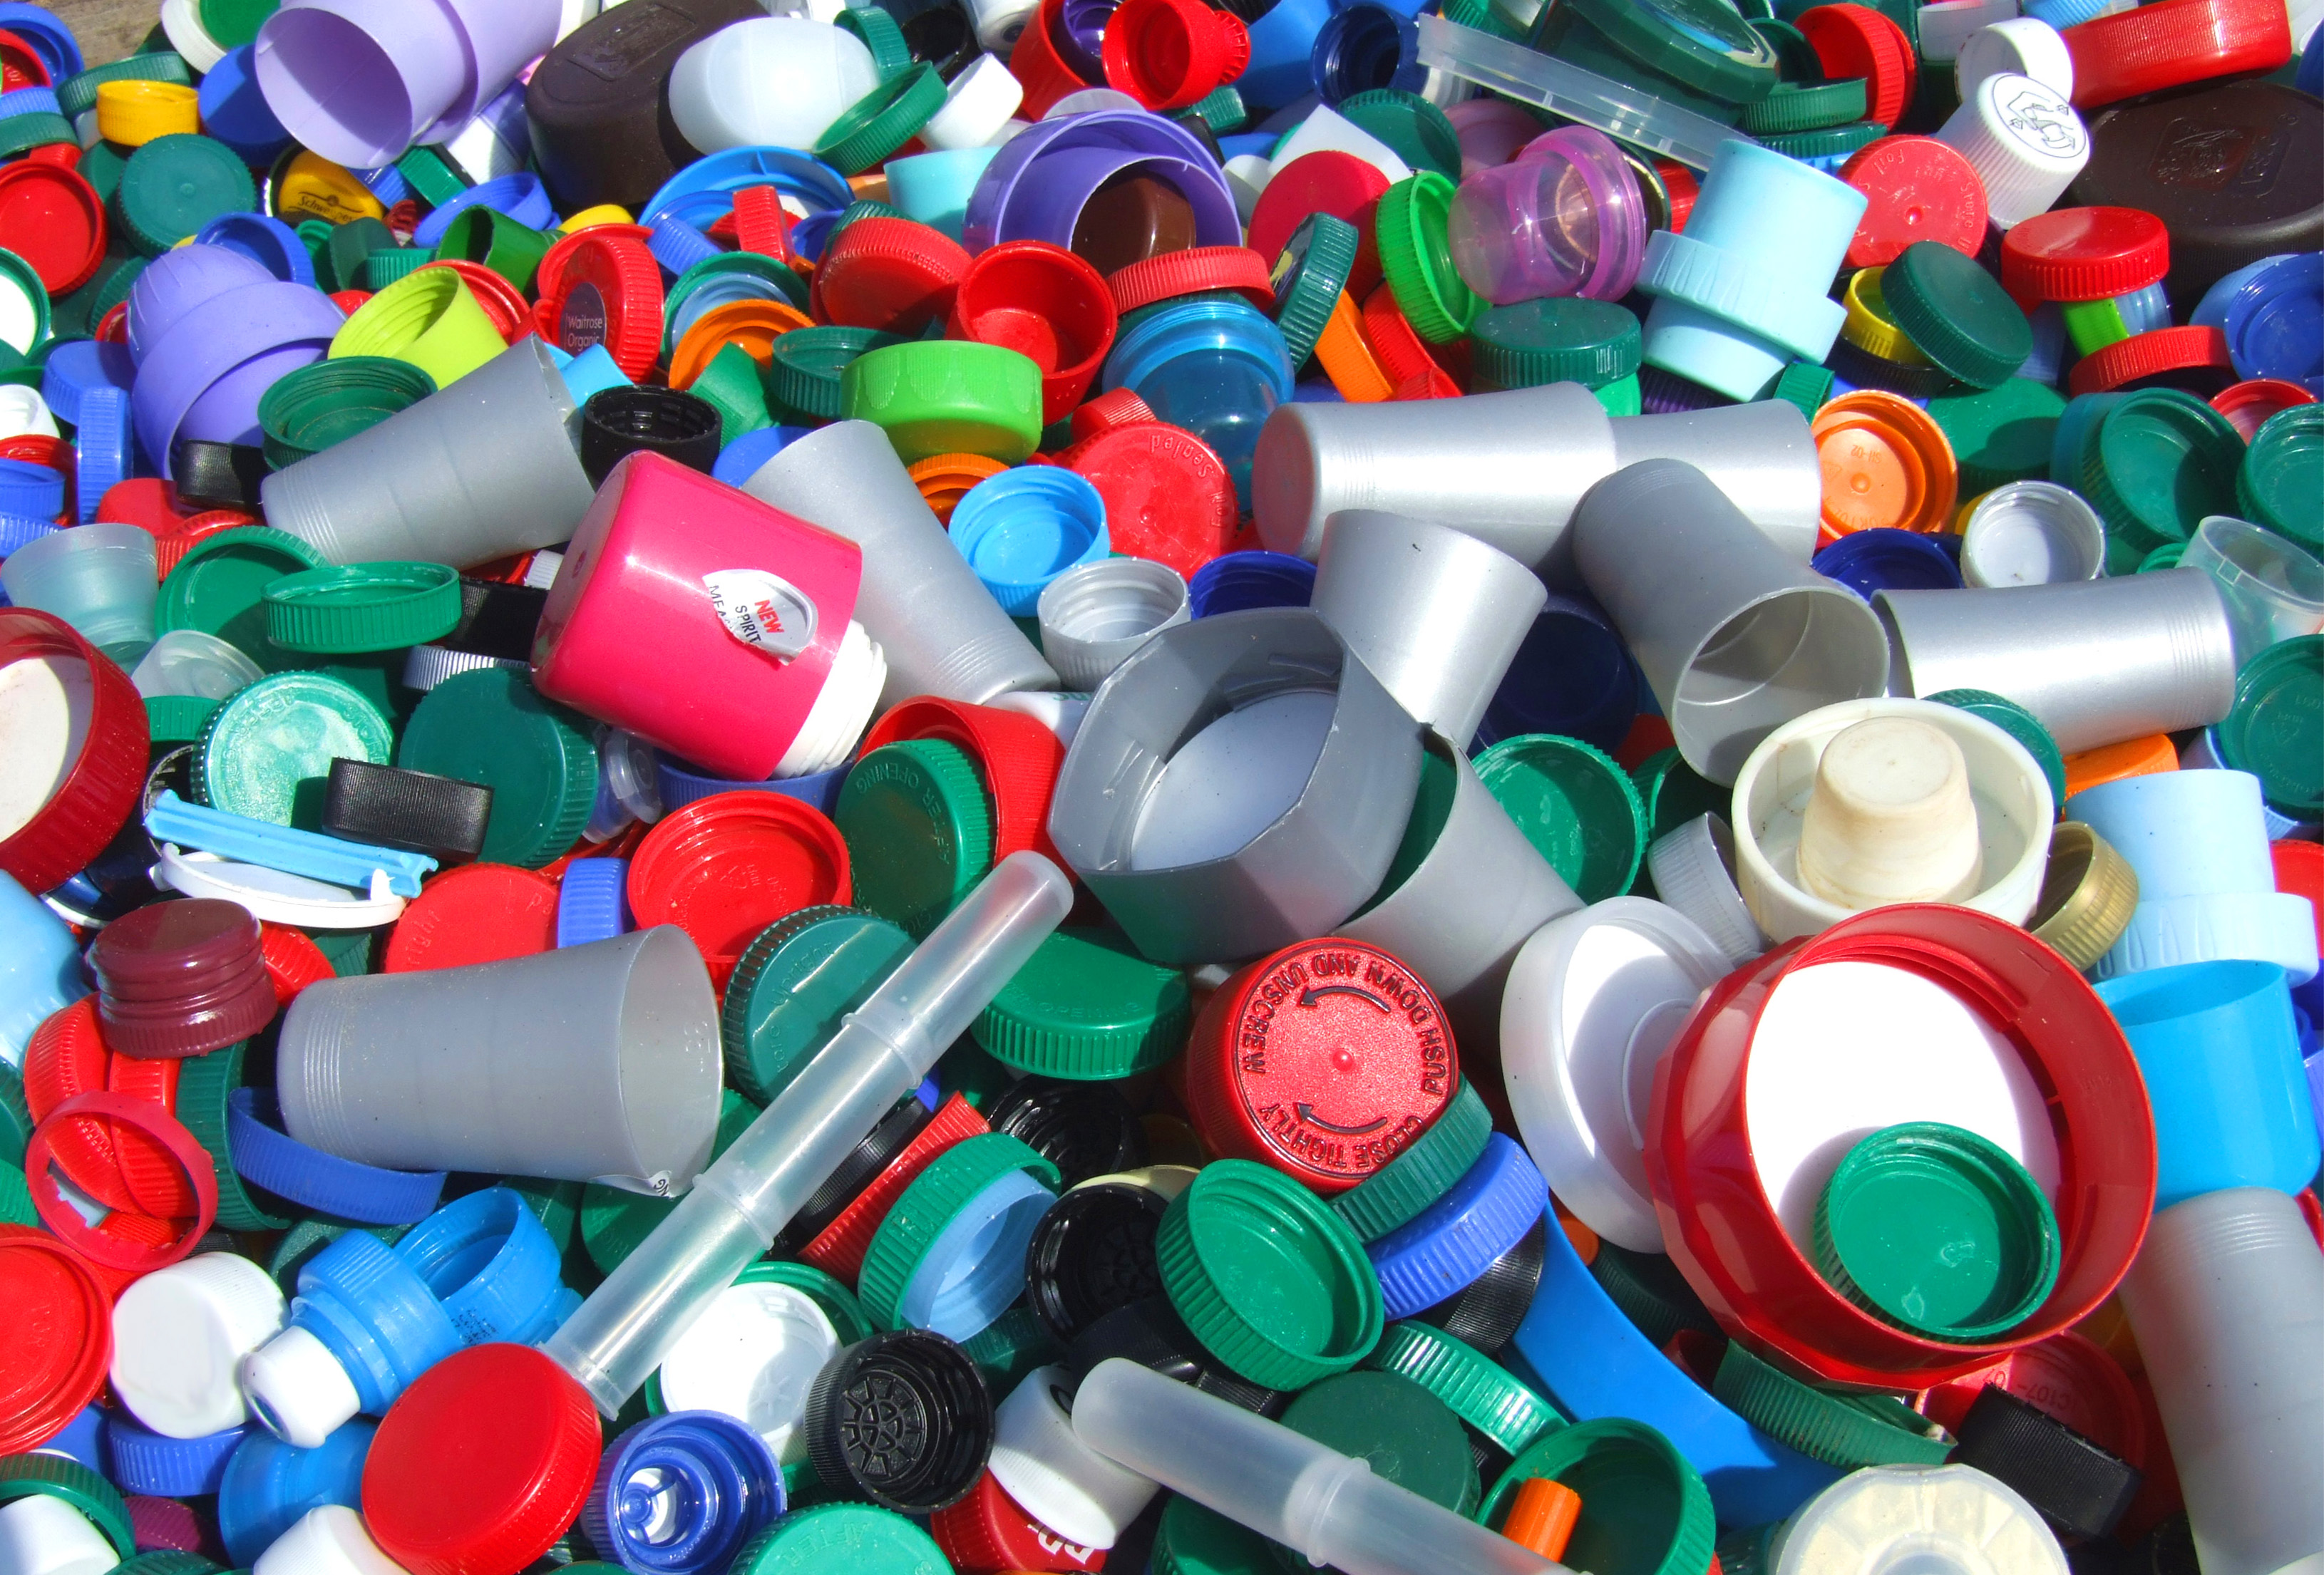 ایران جزء پنج کشور اول مصرفکننده پلاستیک در جهان